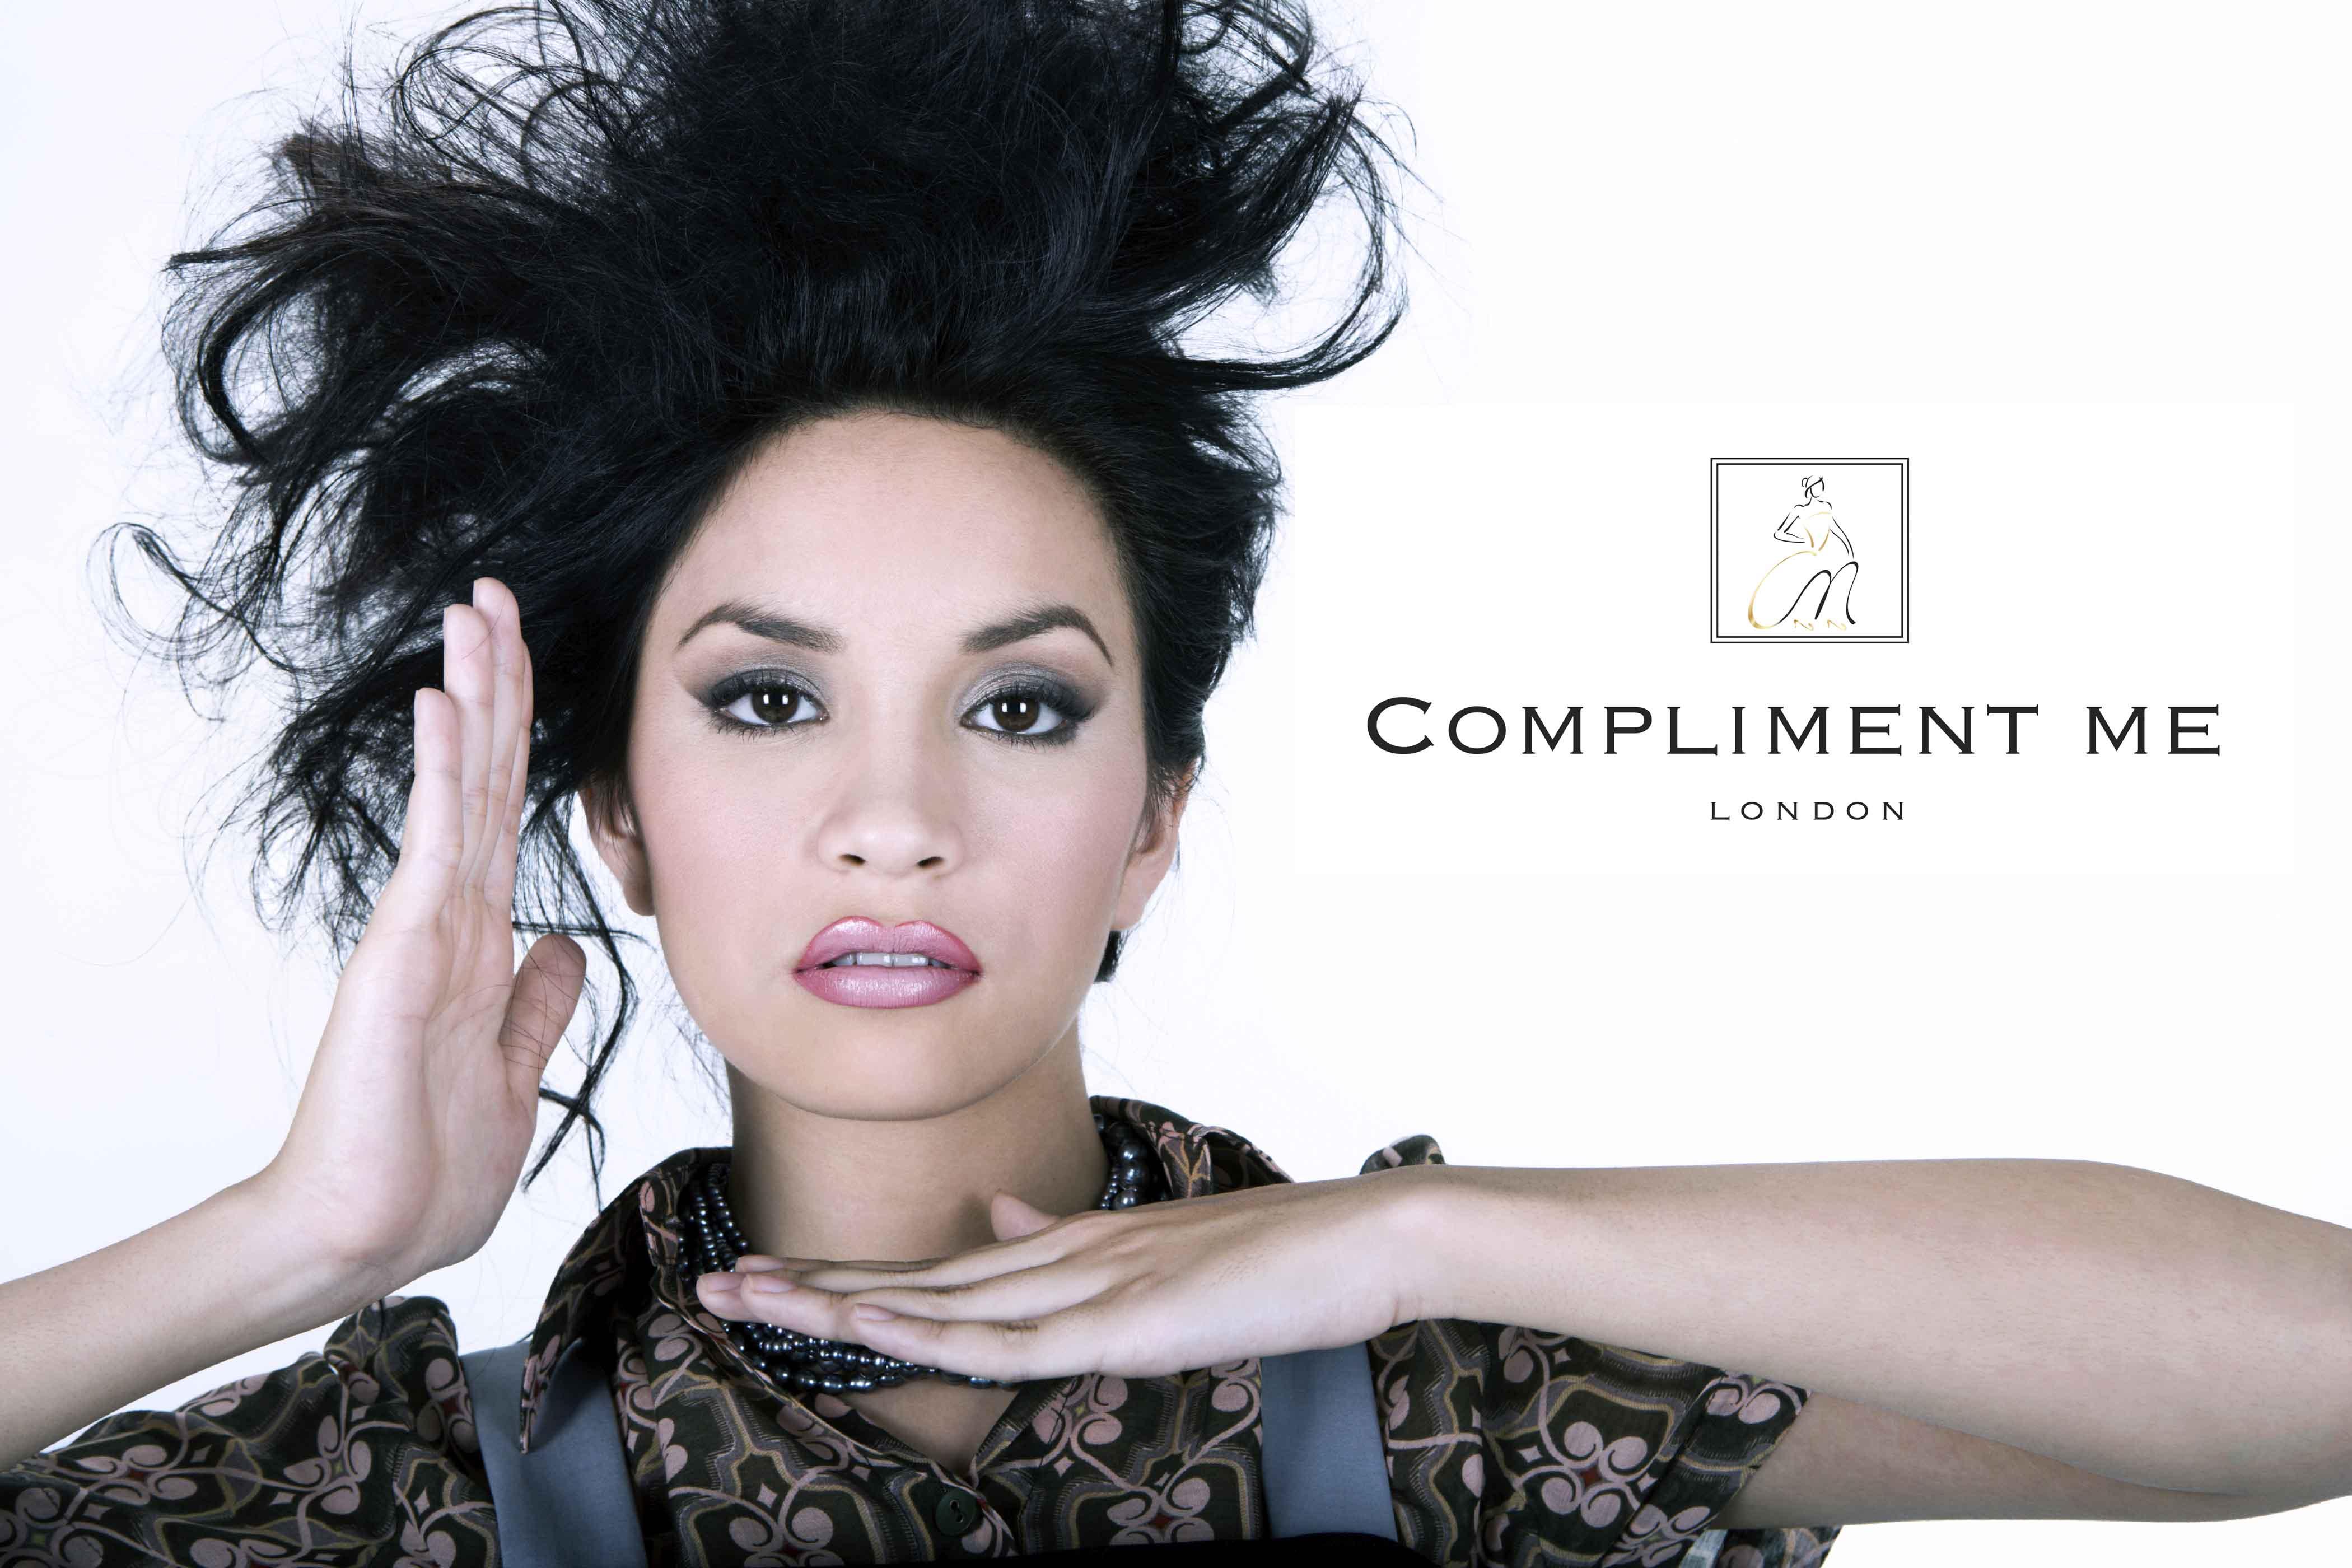 Compliment Me - Brand Image